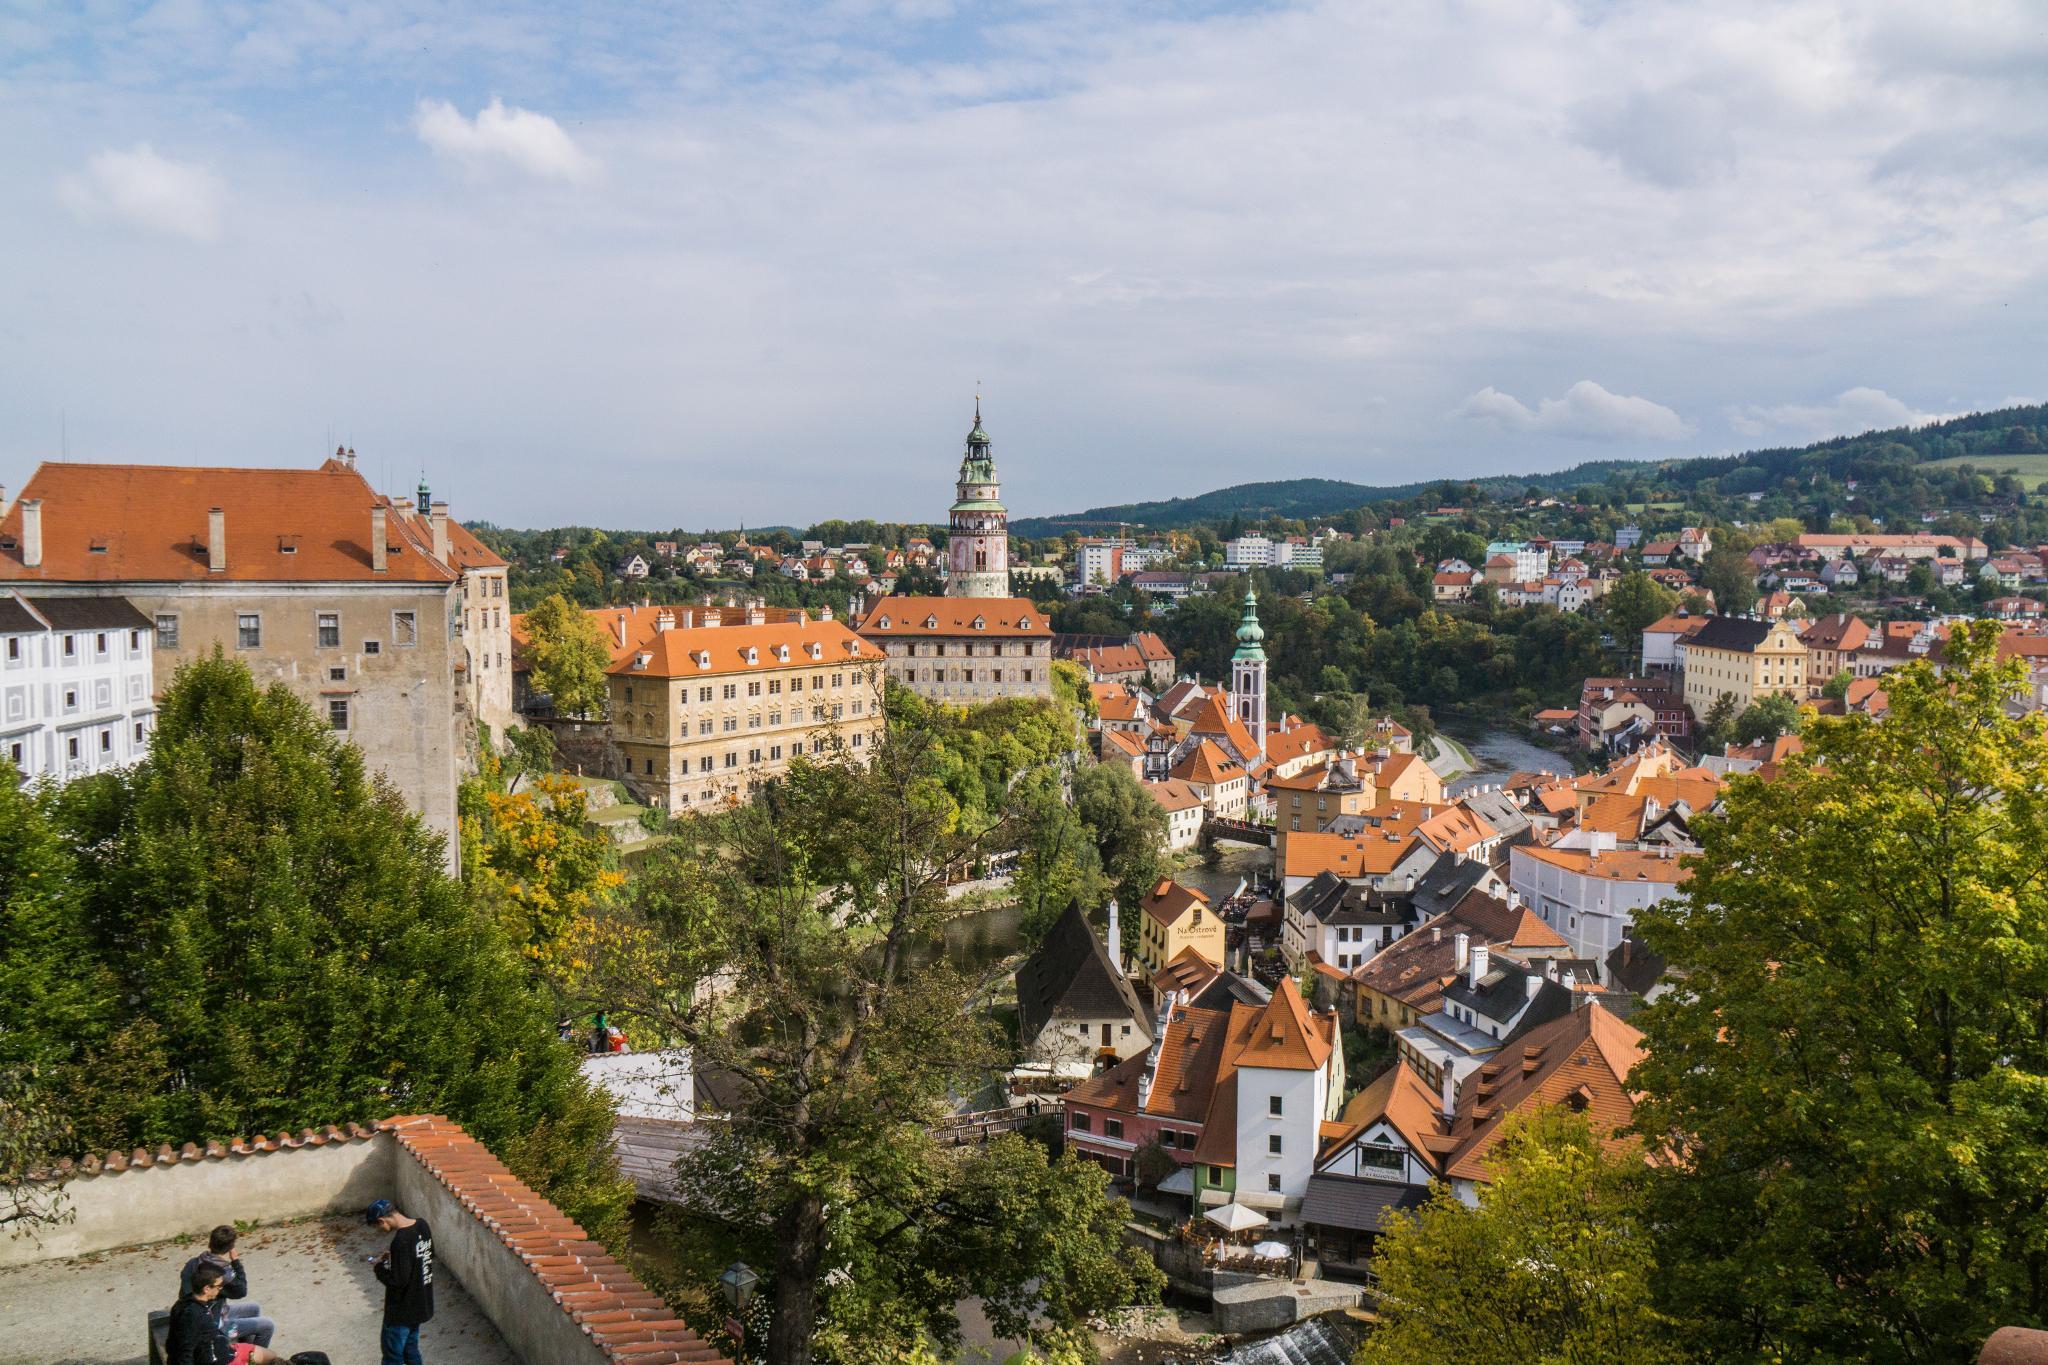 【捷克】穿越時空的波希米亞狂想曲 — Český Krumlov Castle 庫倫諾夫城堡 25